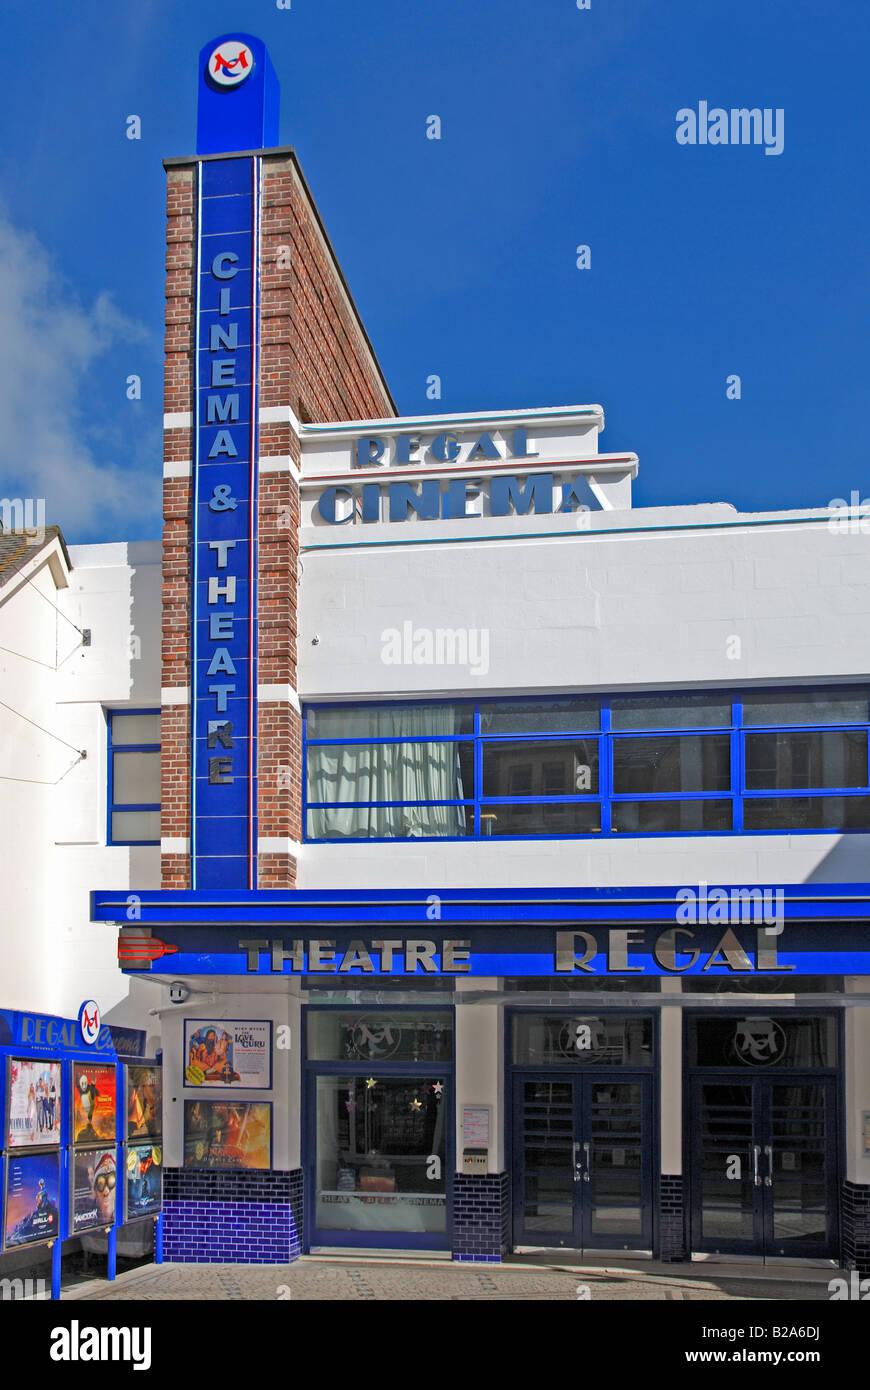 Il recentemente rinnovato regal cinema in redruth,cornwall, Regno Unito Immagini Stock